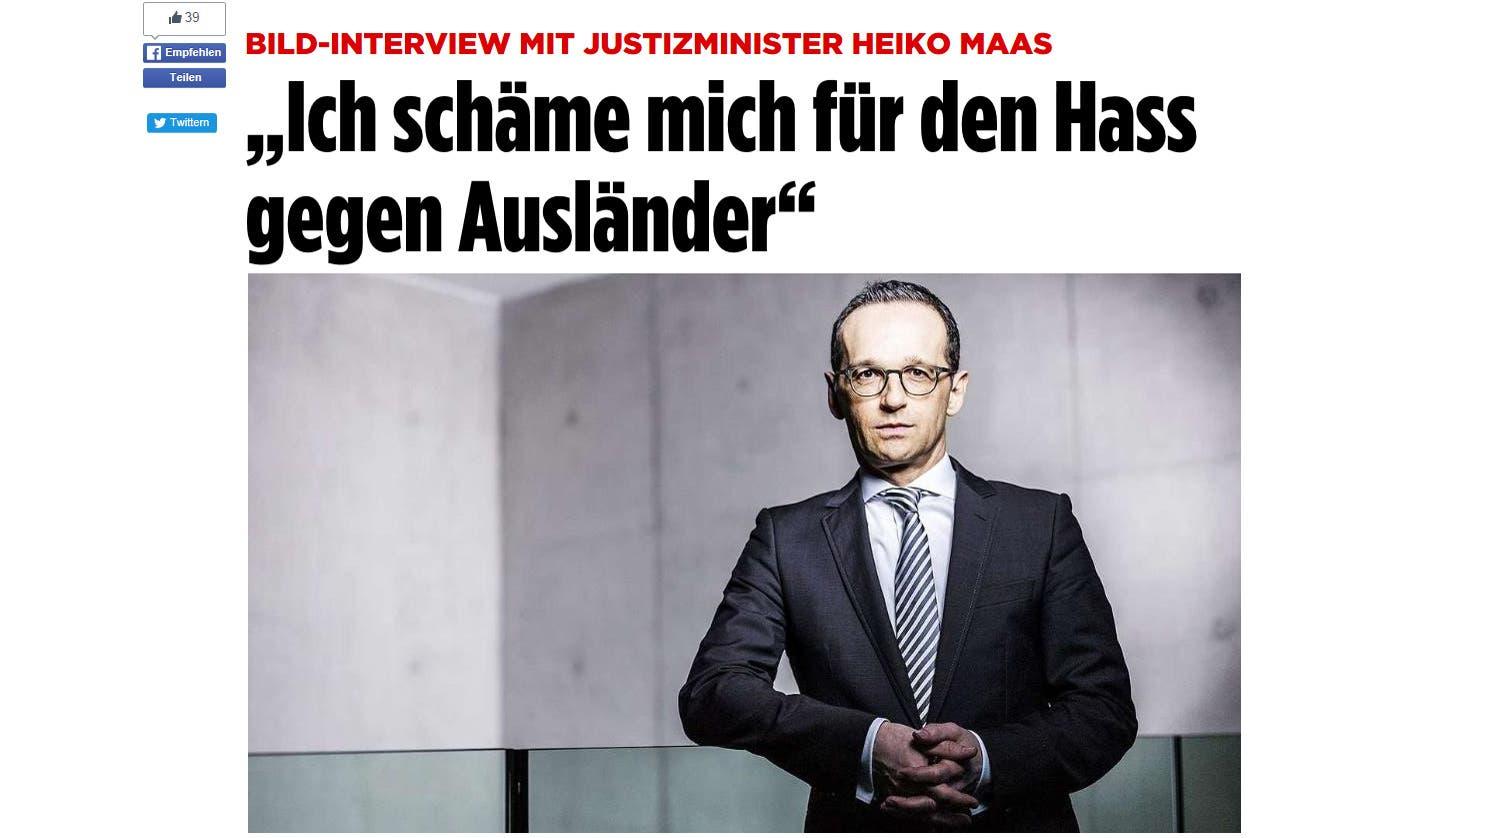 وزير العدل الألماني، هايكو ماس، صرح بأنه يشعر بالخجل من كراهية الأجانب